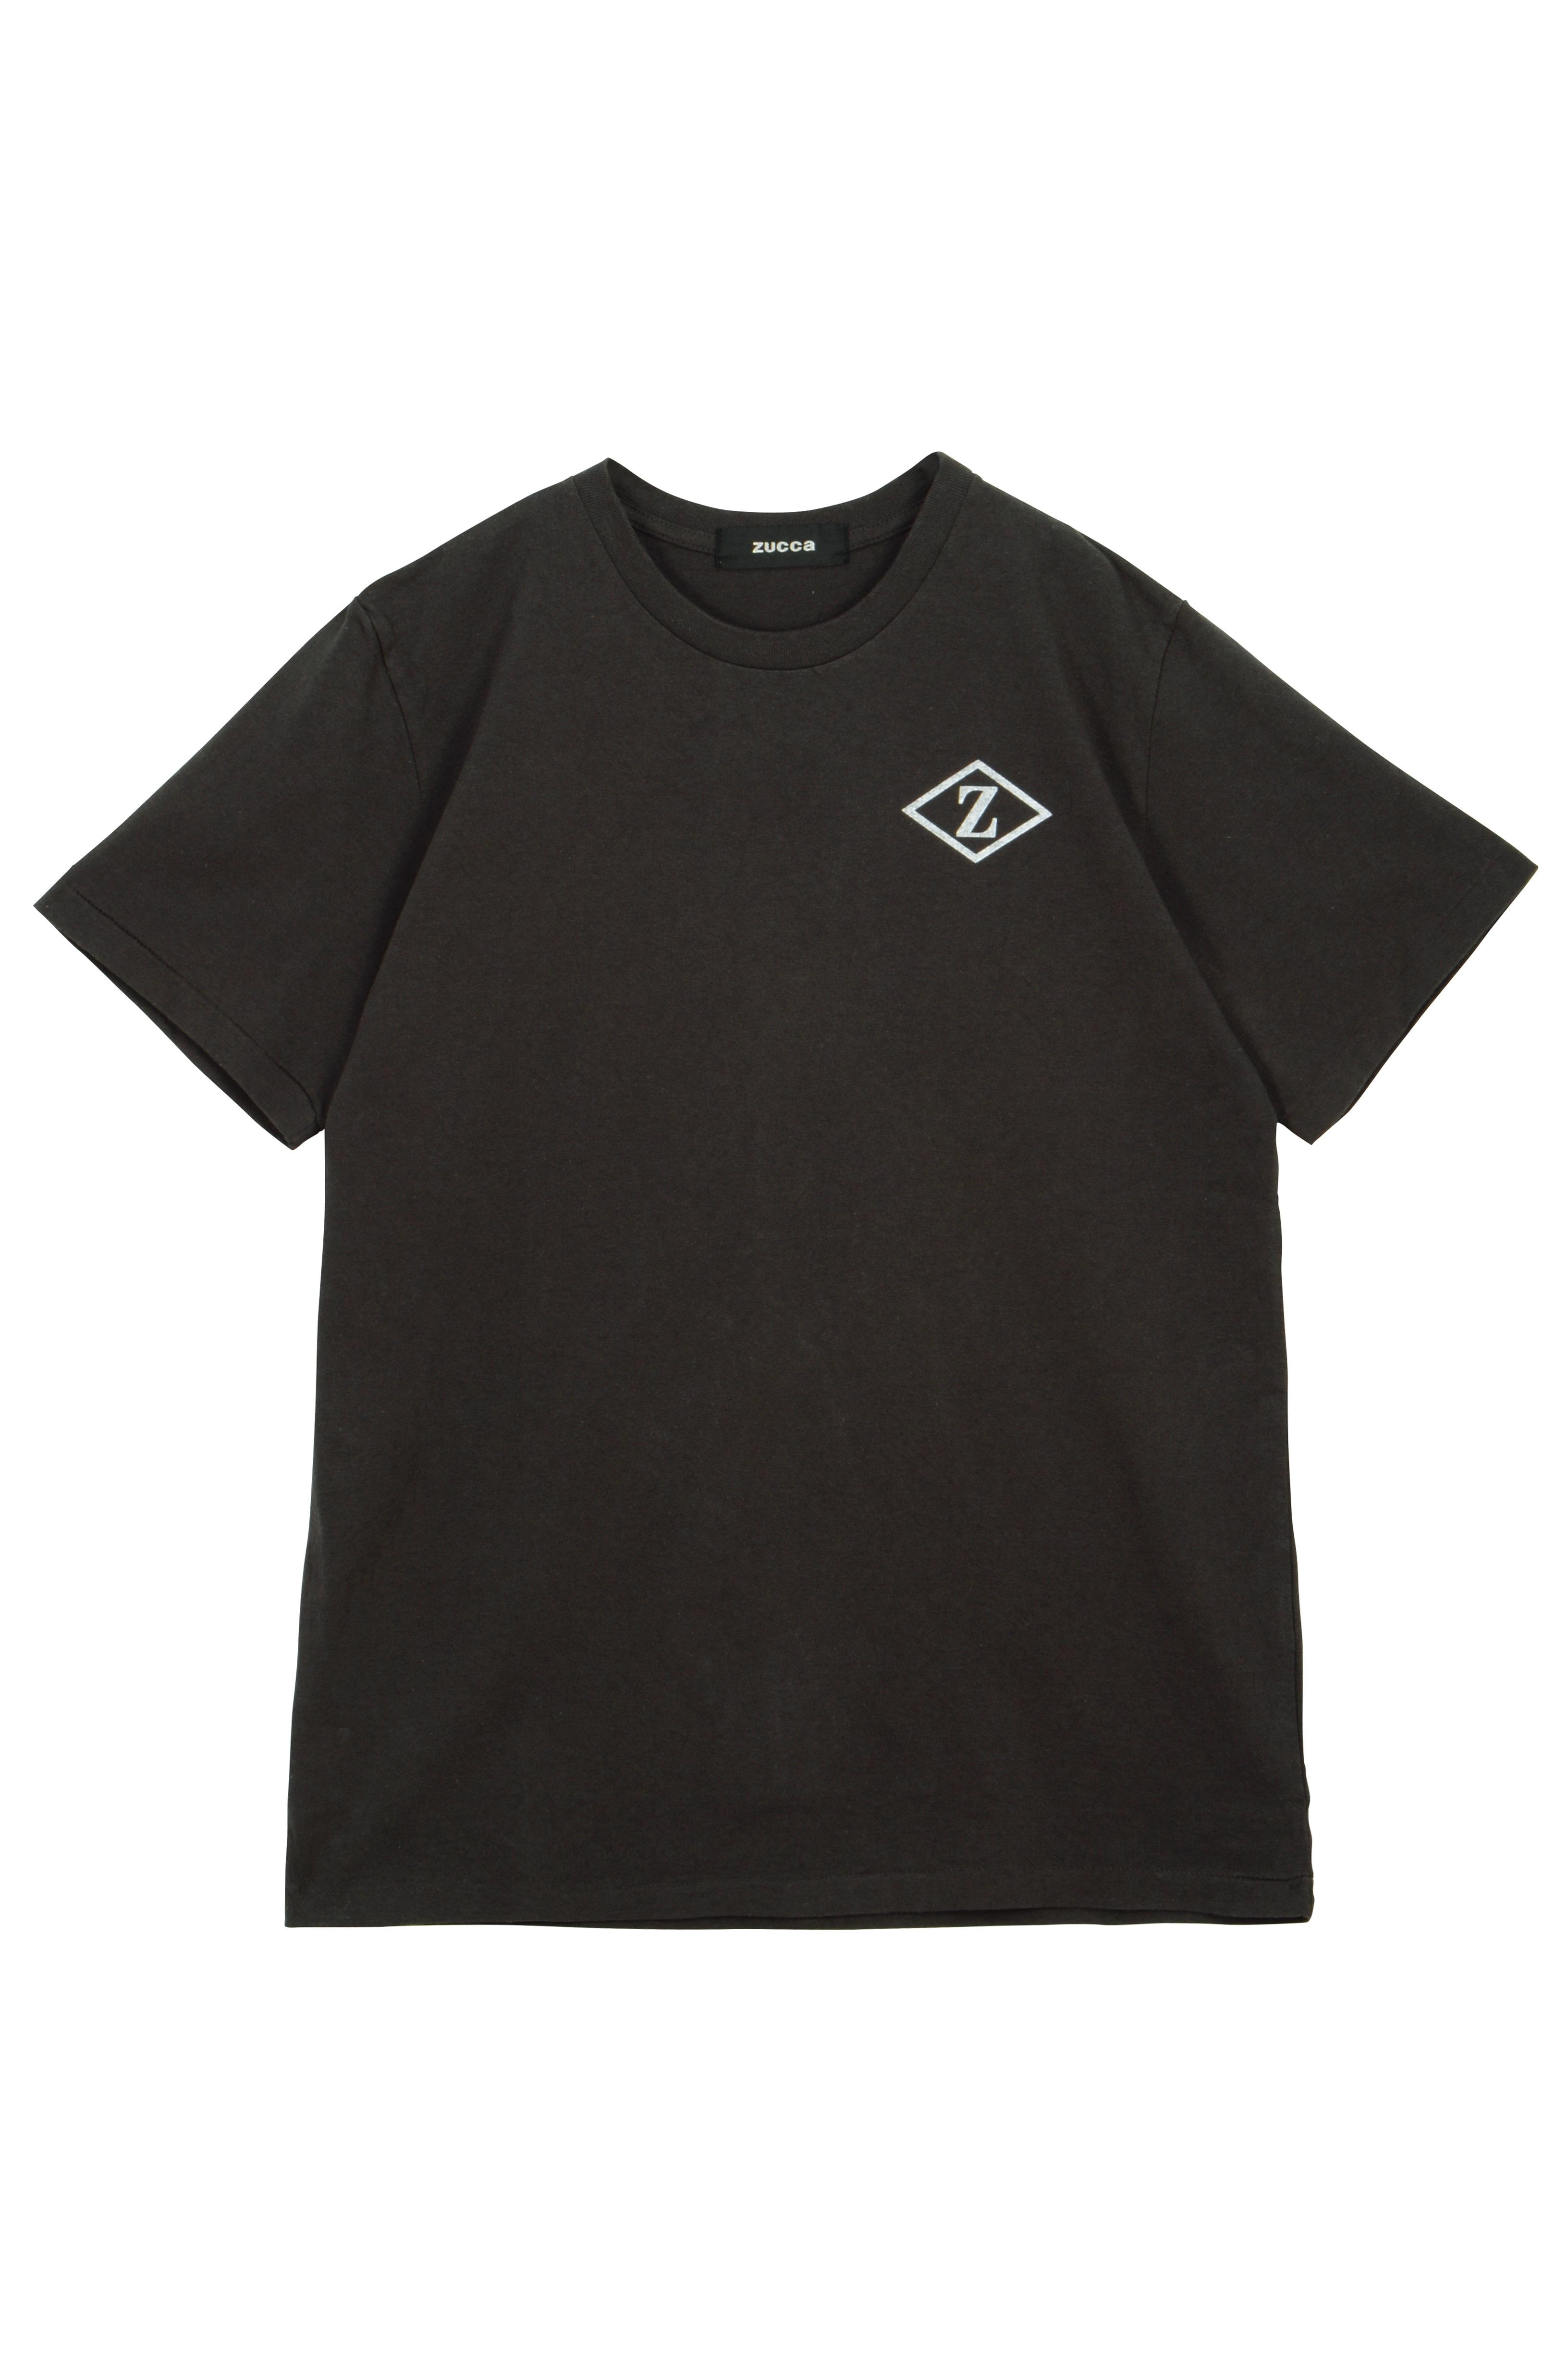 ZUCCa / GF メンズ (30)Z_ICON Tシャツ / Tシャツ チャコールグレー